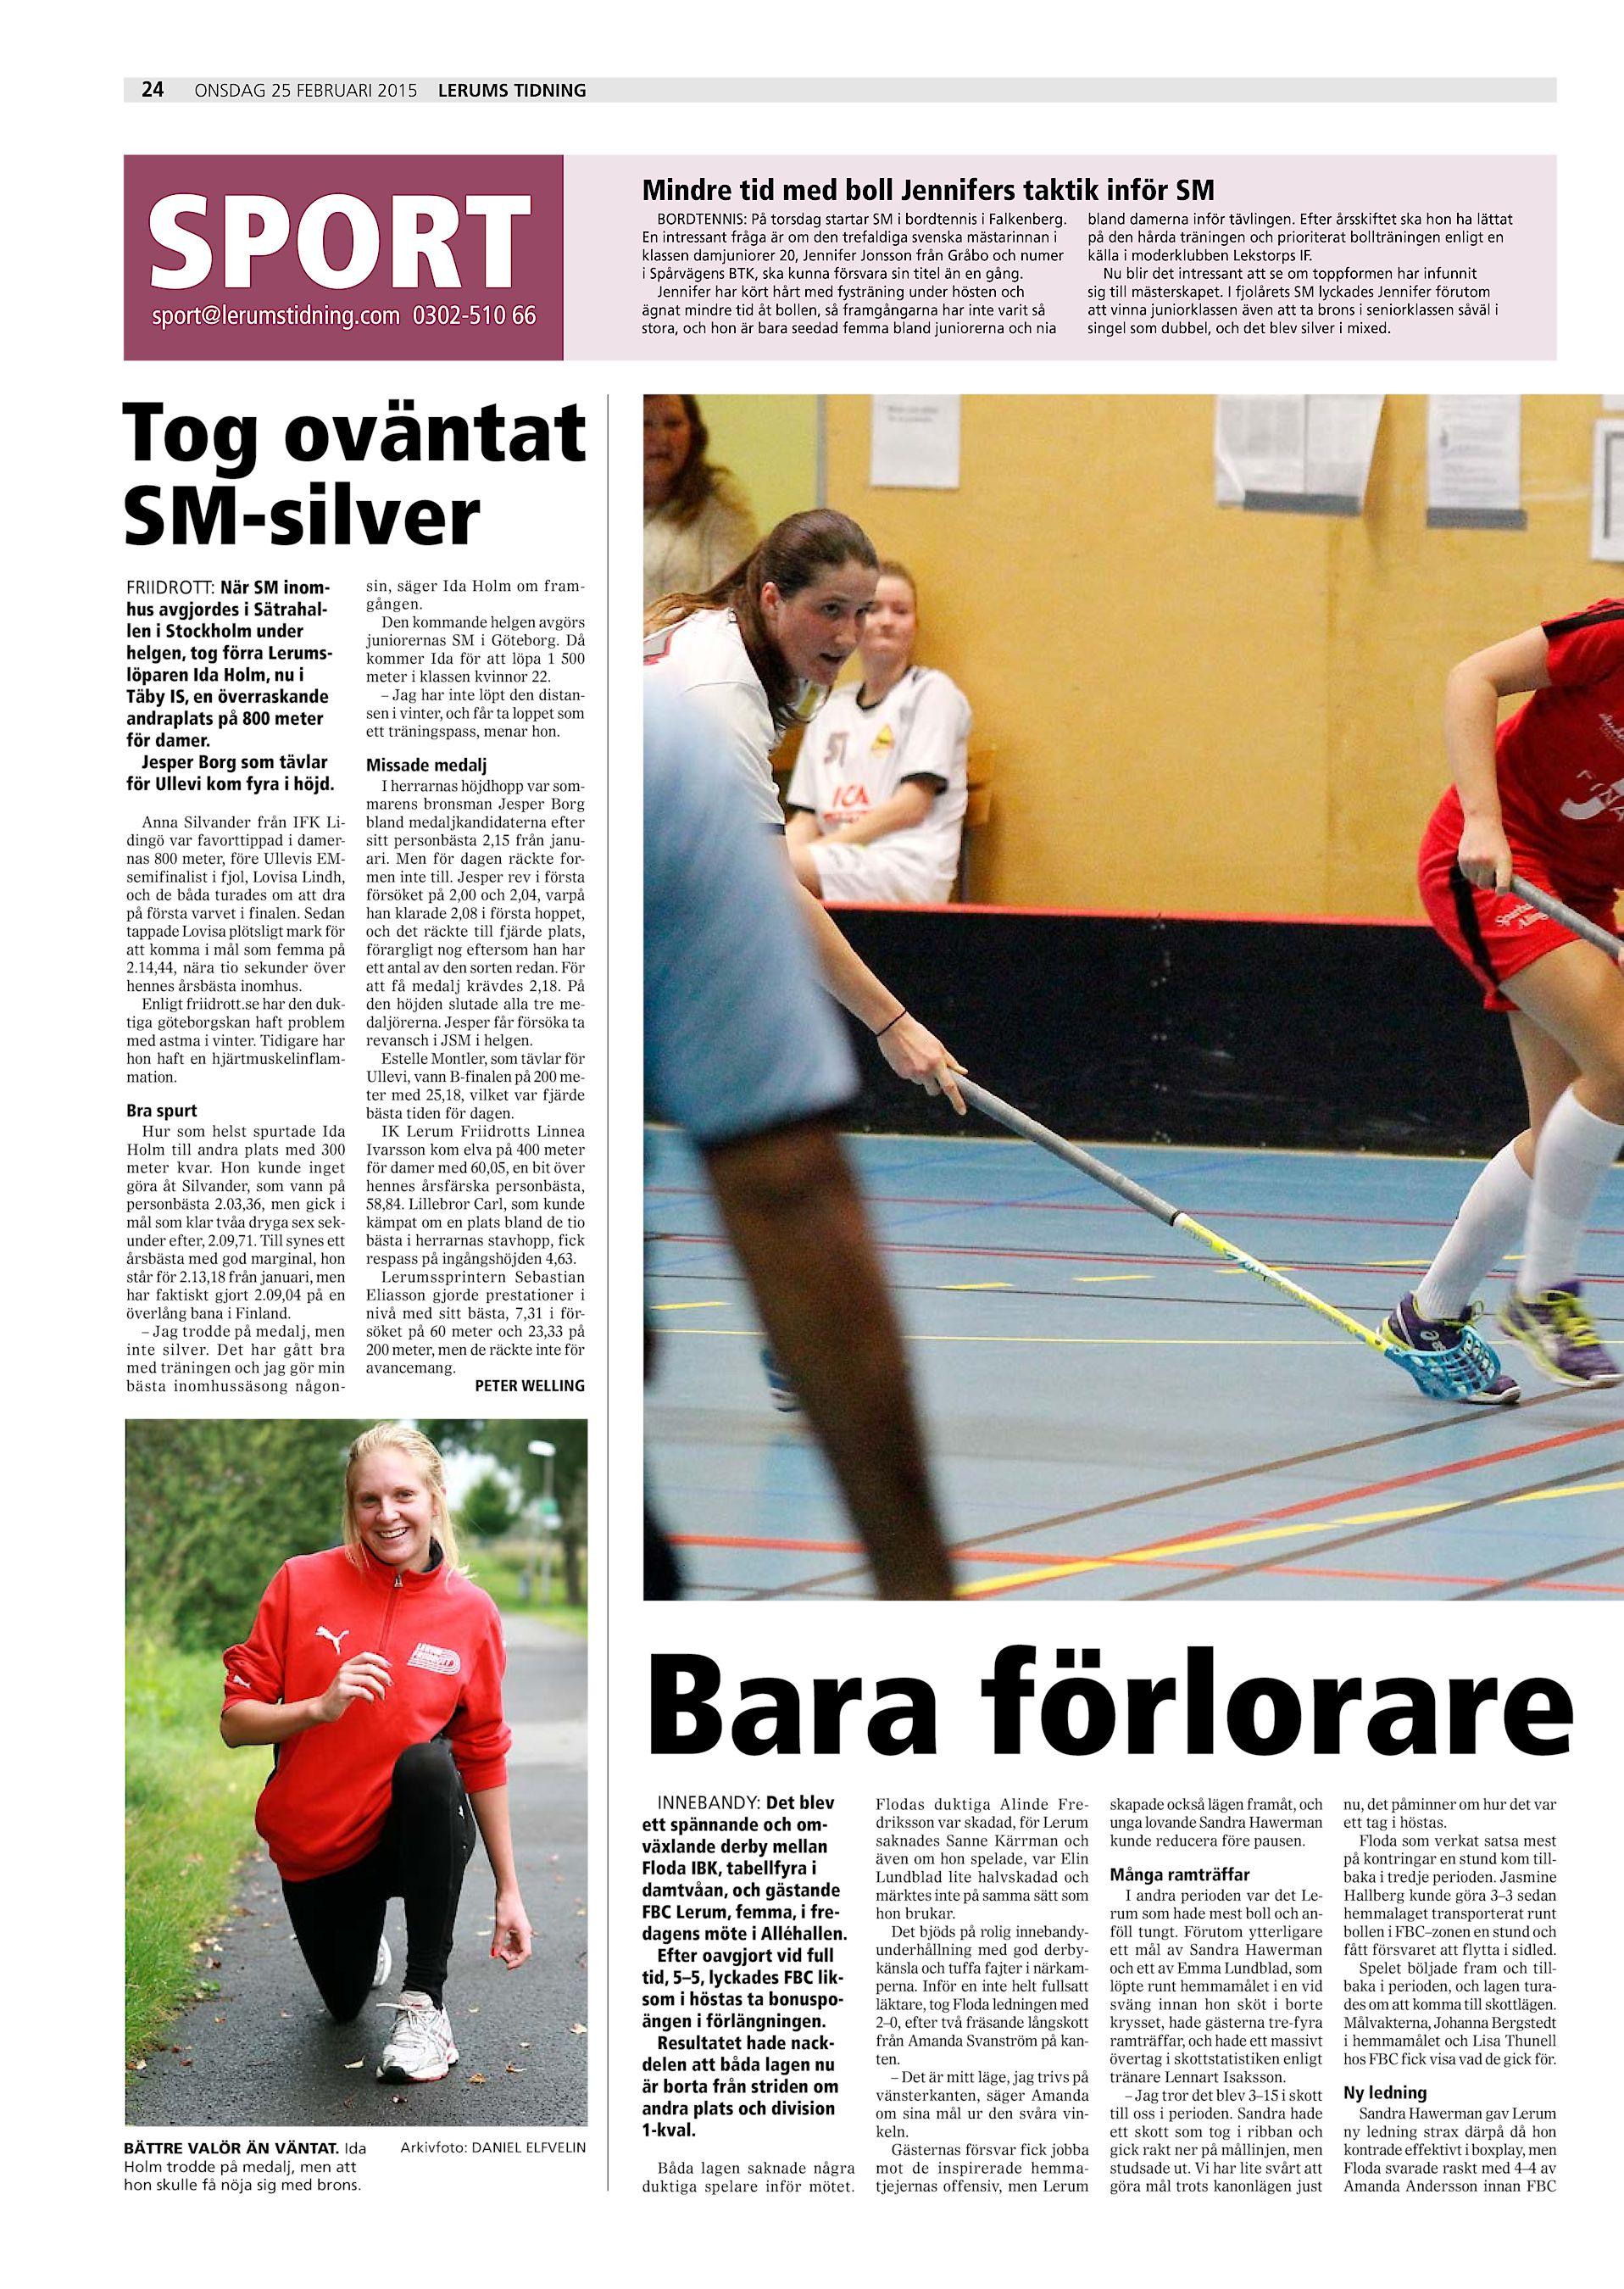 Majid Fallah, Bergums Prstgrdsbacke 27, Olofstorp | patient-survey.net